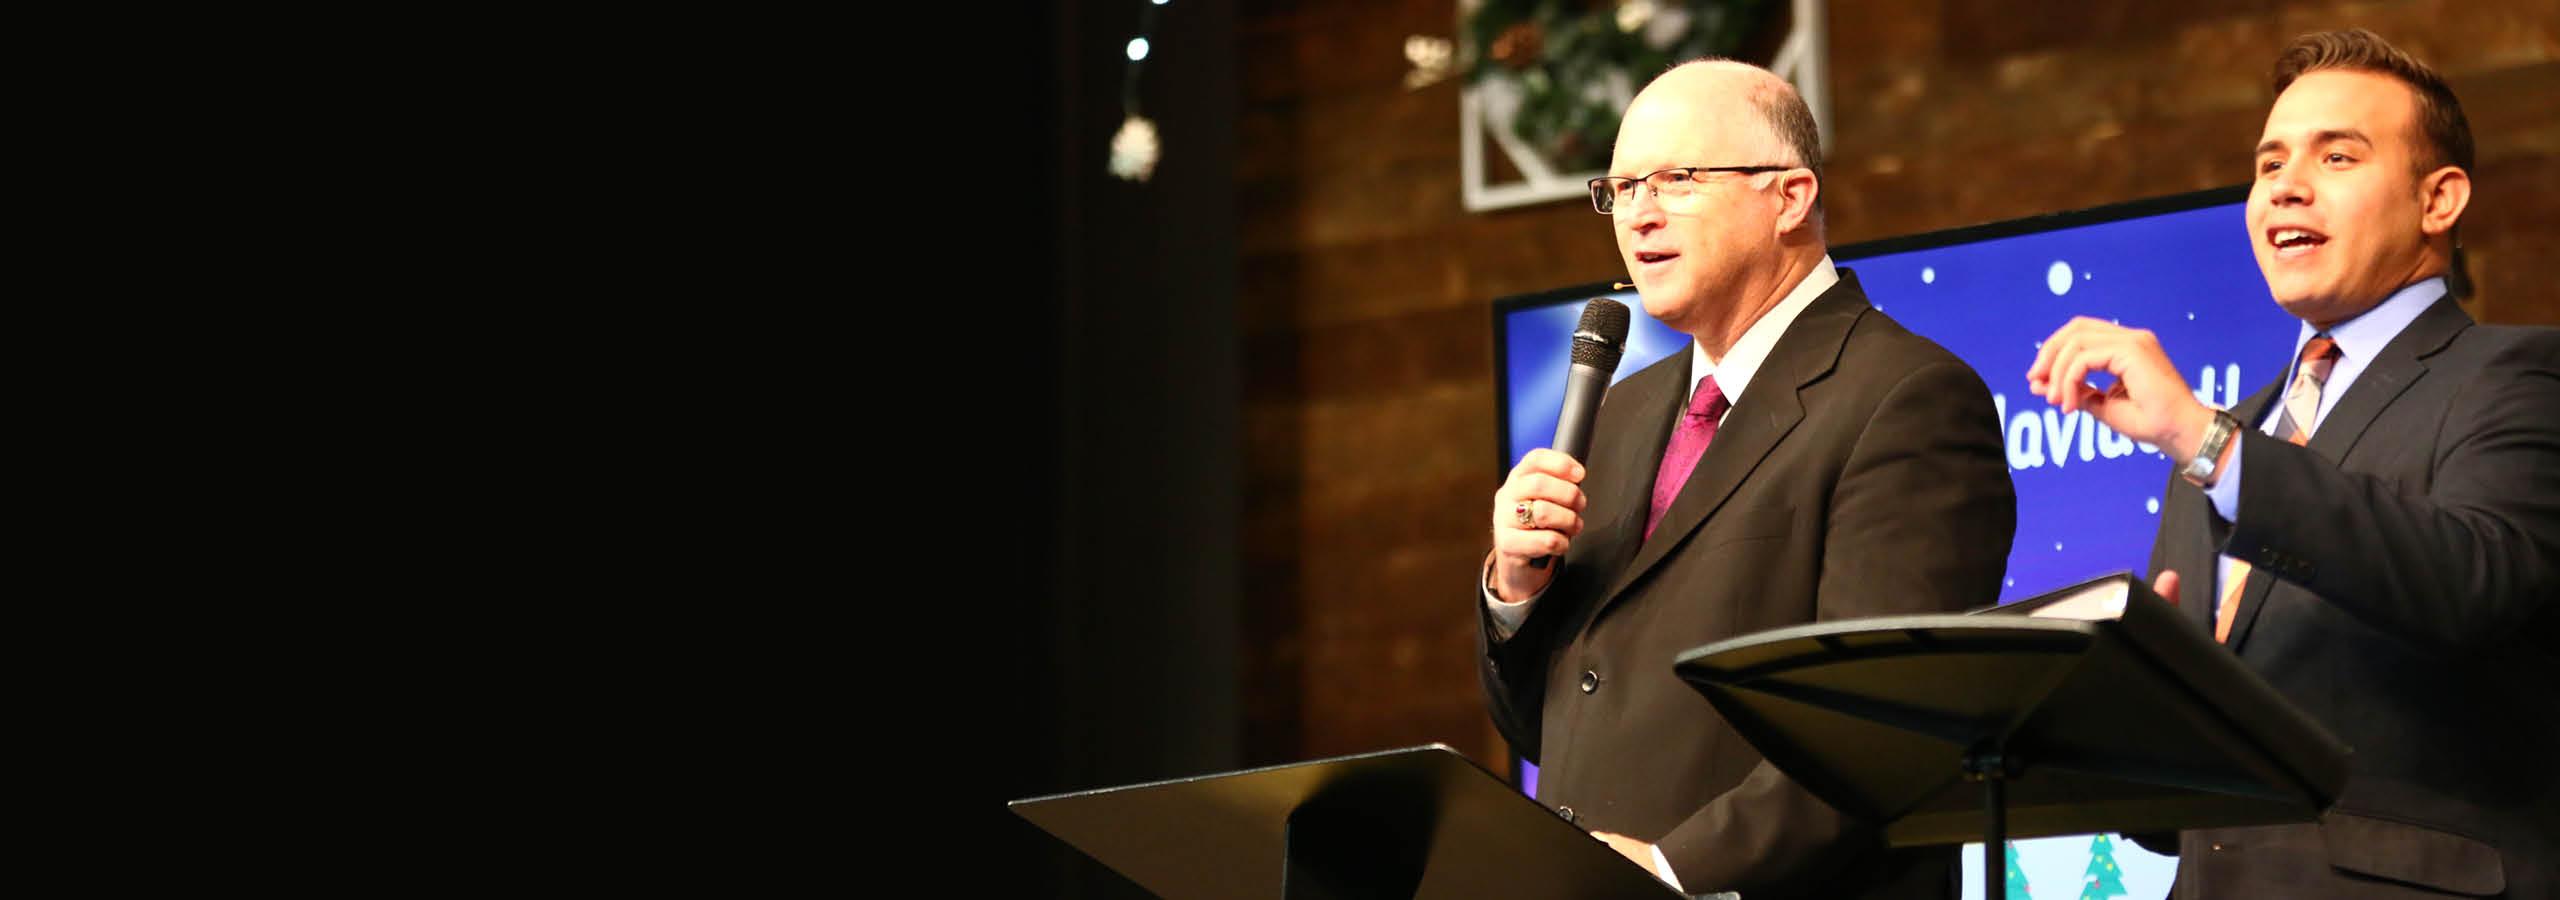 pastor chappell preaching.jpg